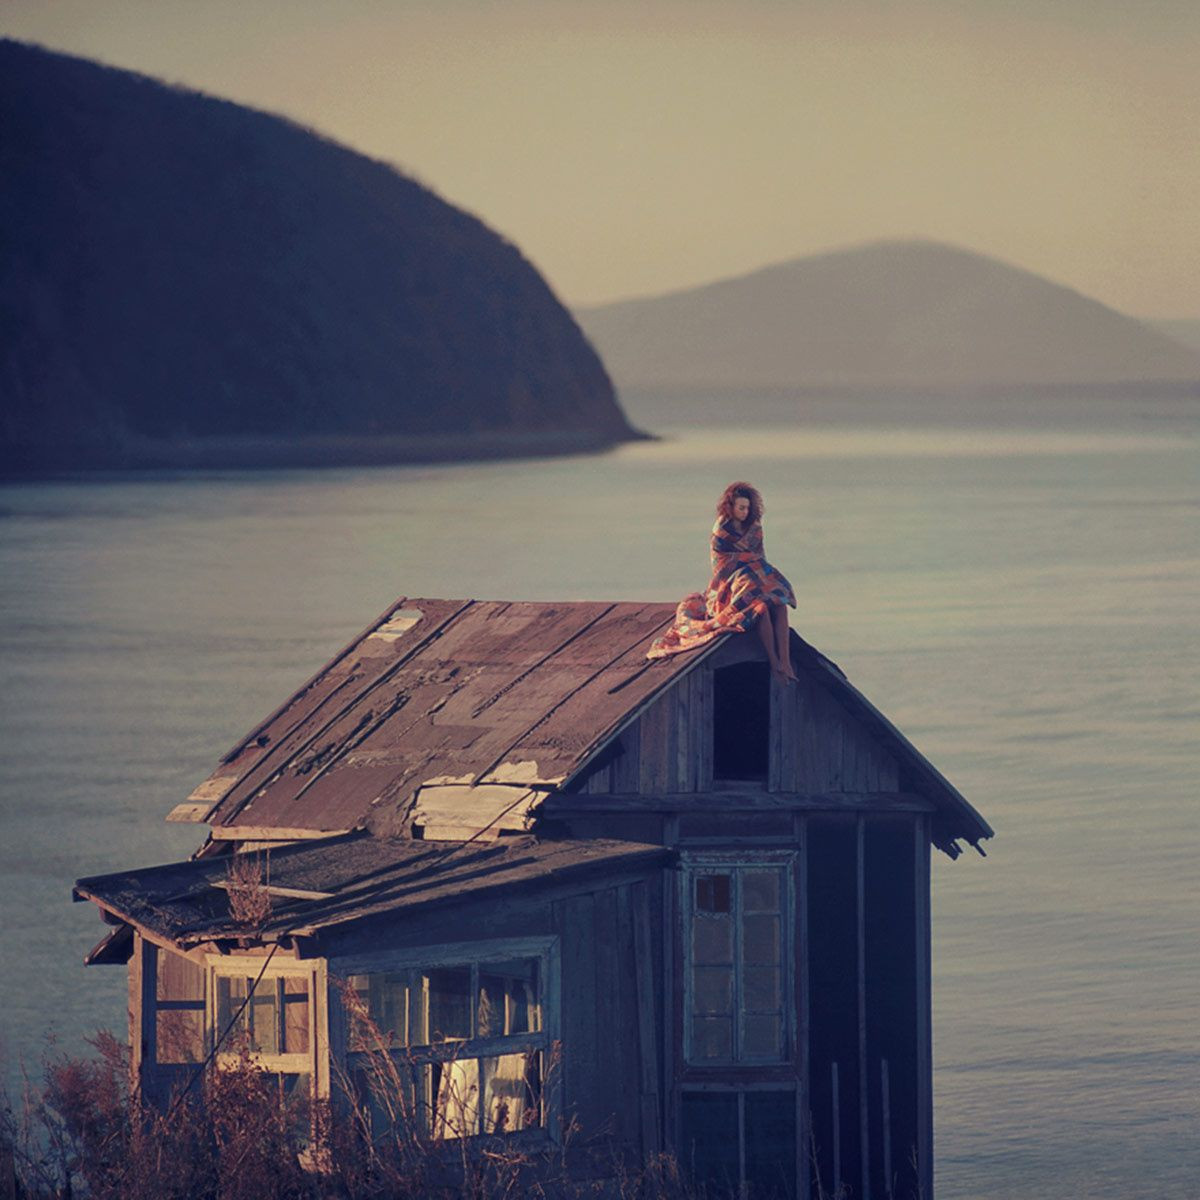 Fotografías fantásticas por Oleg Oprisco - By the lake | Galería de fotos 11 de 27 | AD MX